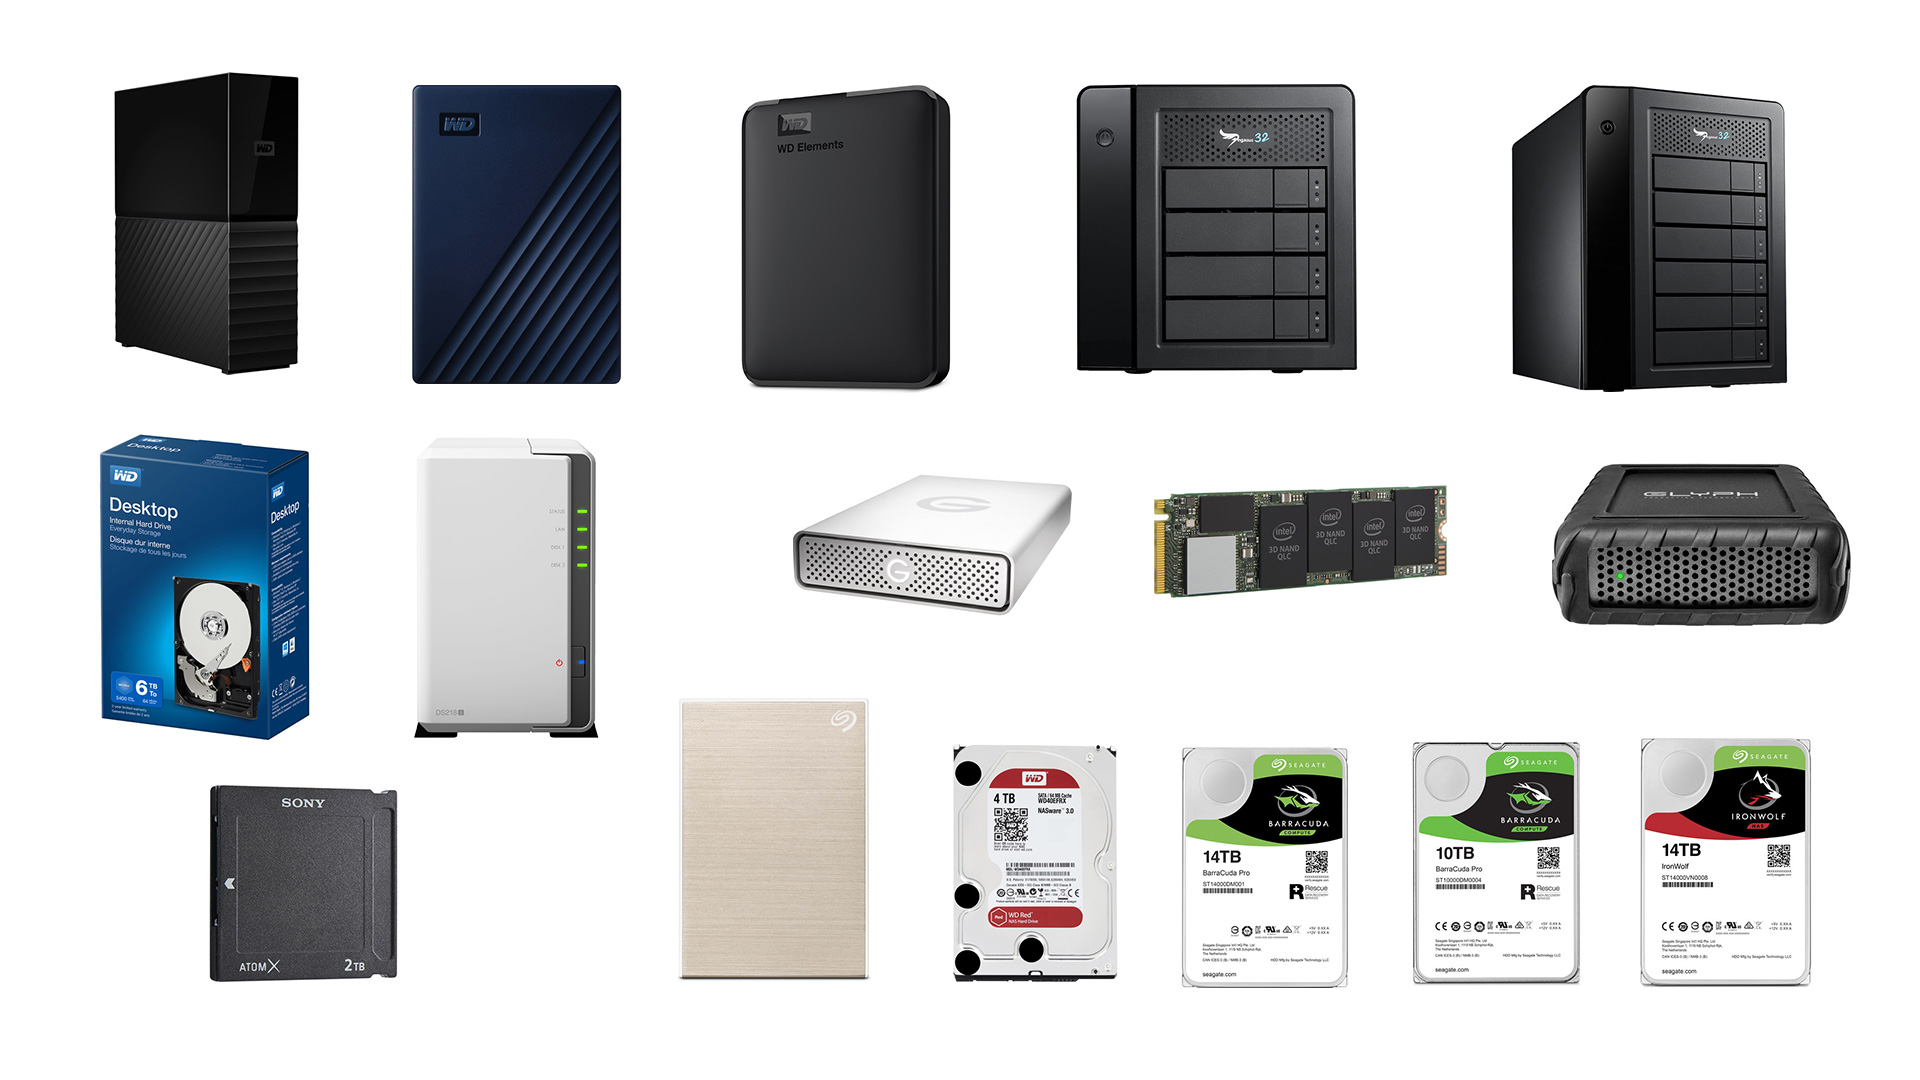 Ofertas del Día Mundial de las Copias de Seguridad – las mejores ofertas en discos duros solo durante el 31 de marzo